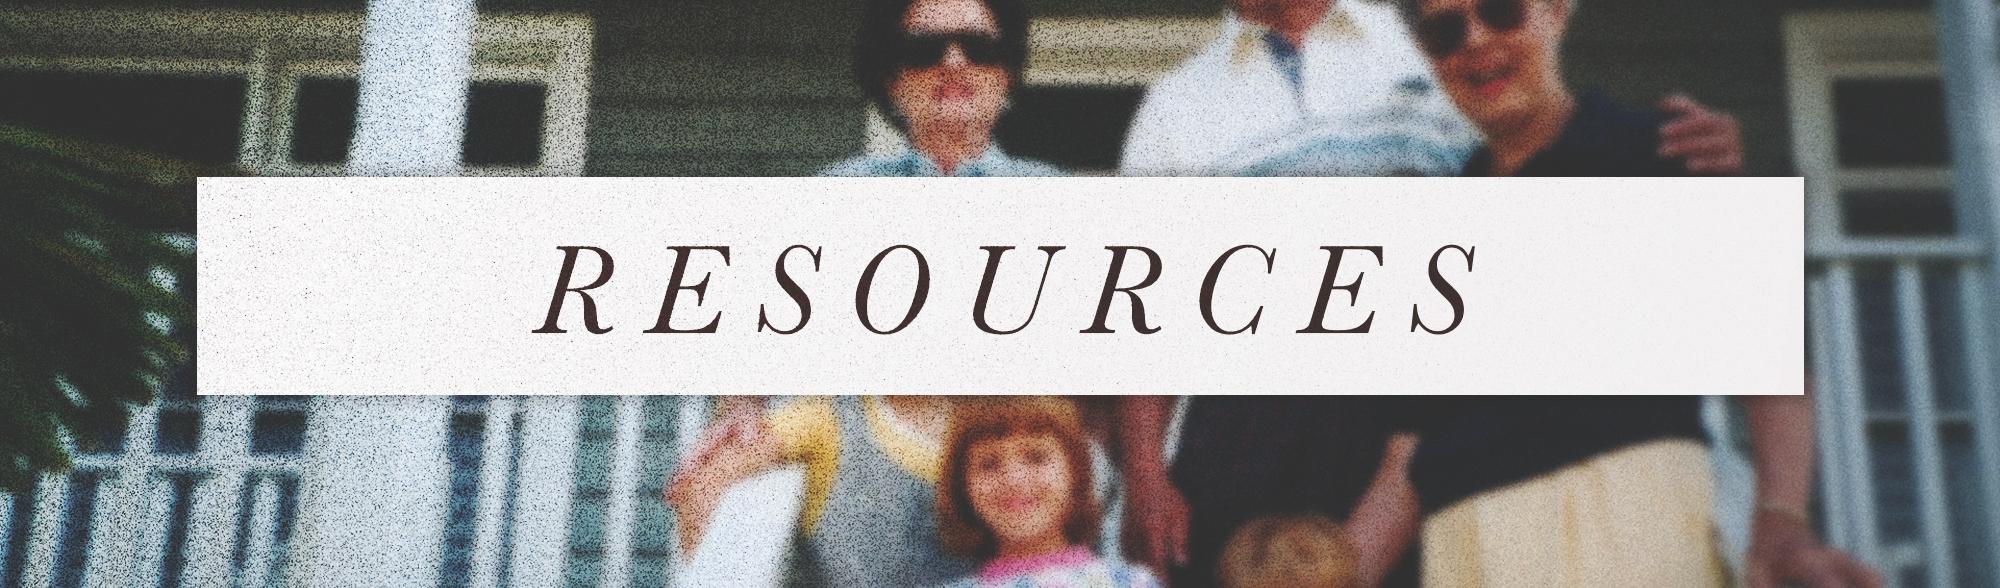 ResourcesTest.jpg